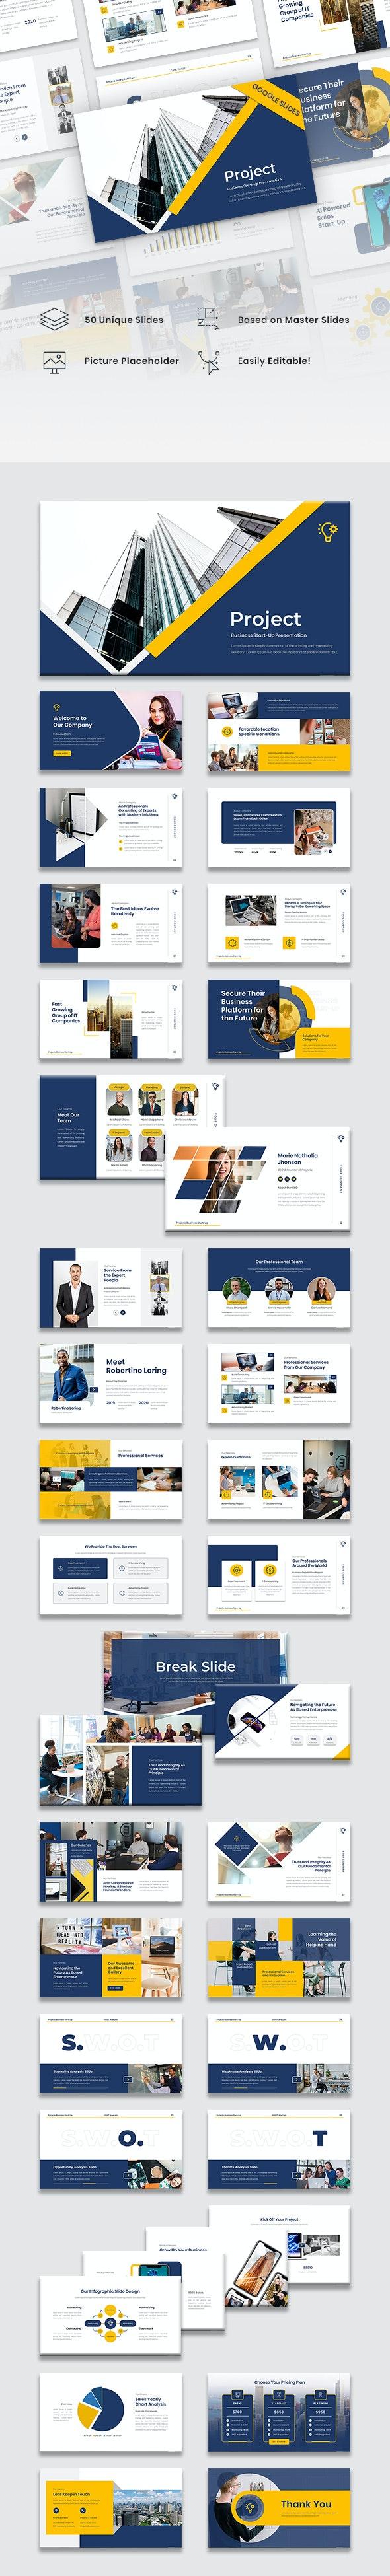 Project - Business Start-Up Google Slides Template - Google Slides Presentation Templates